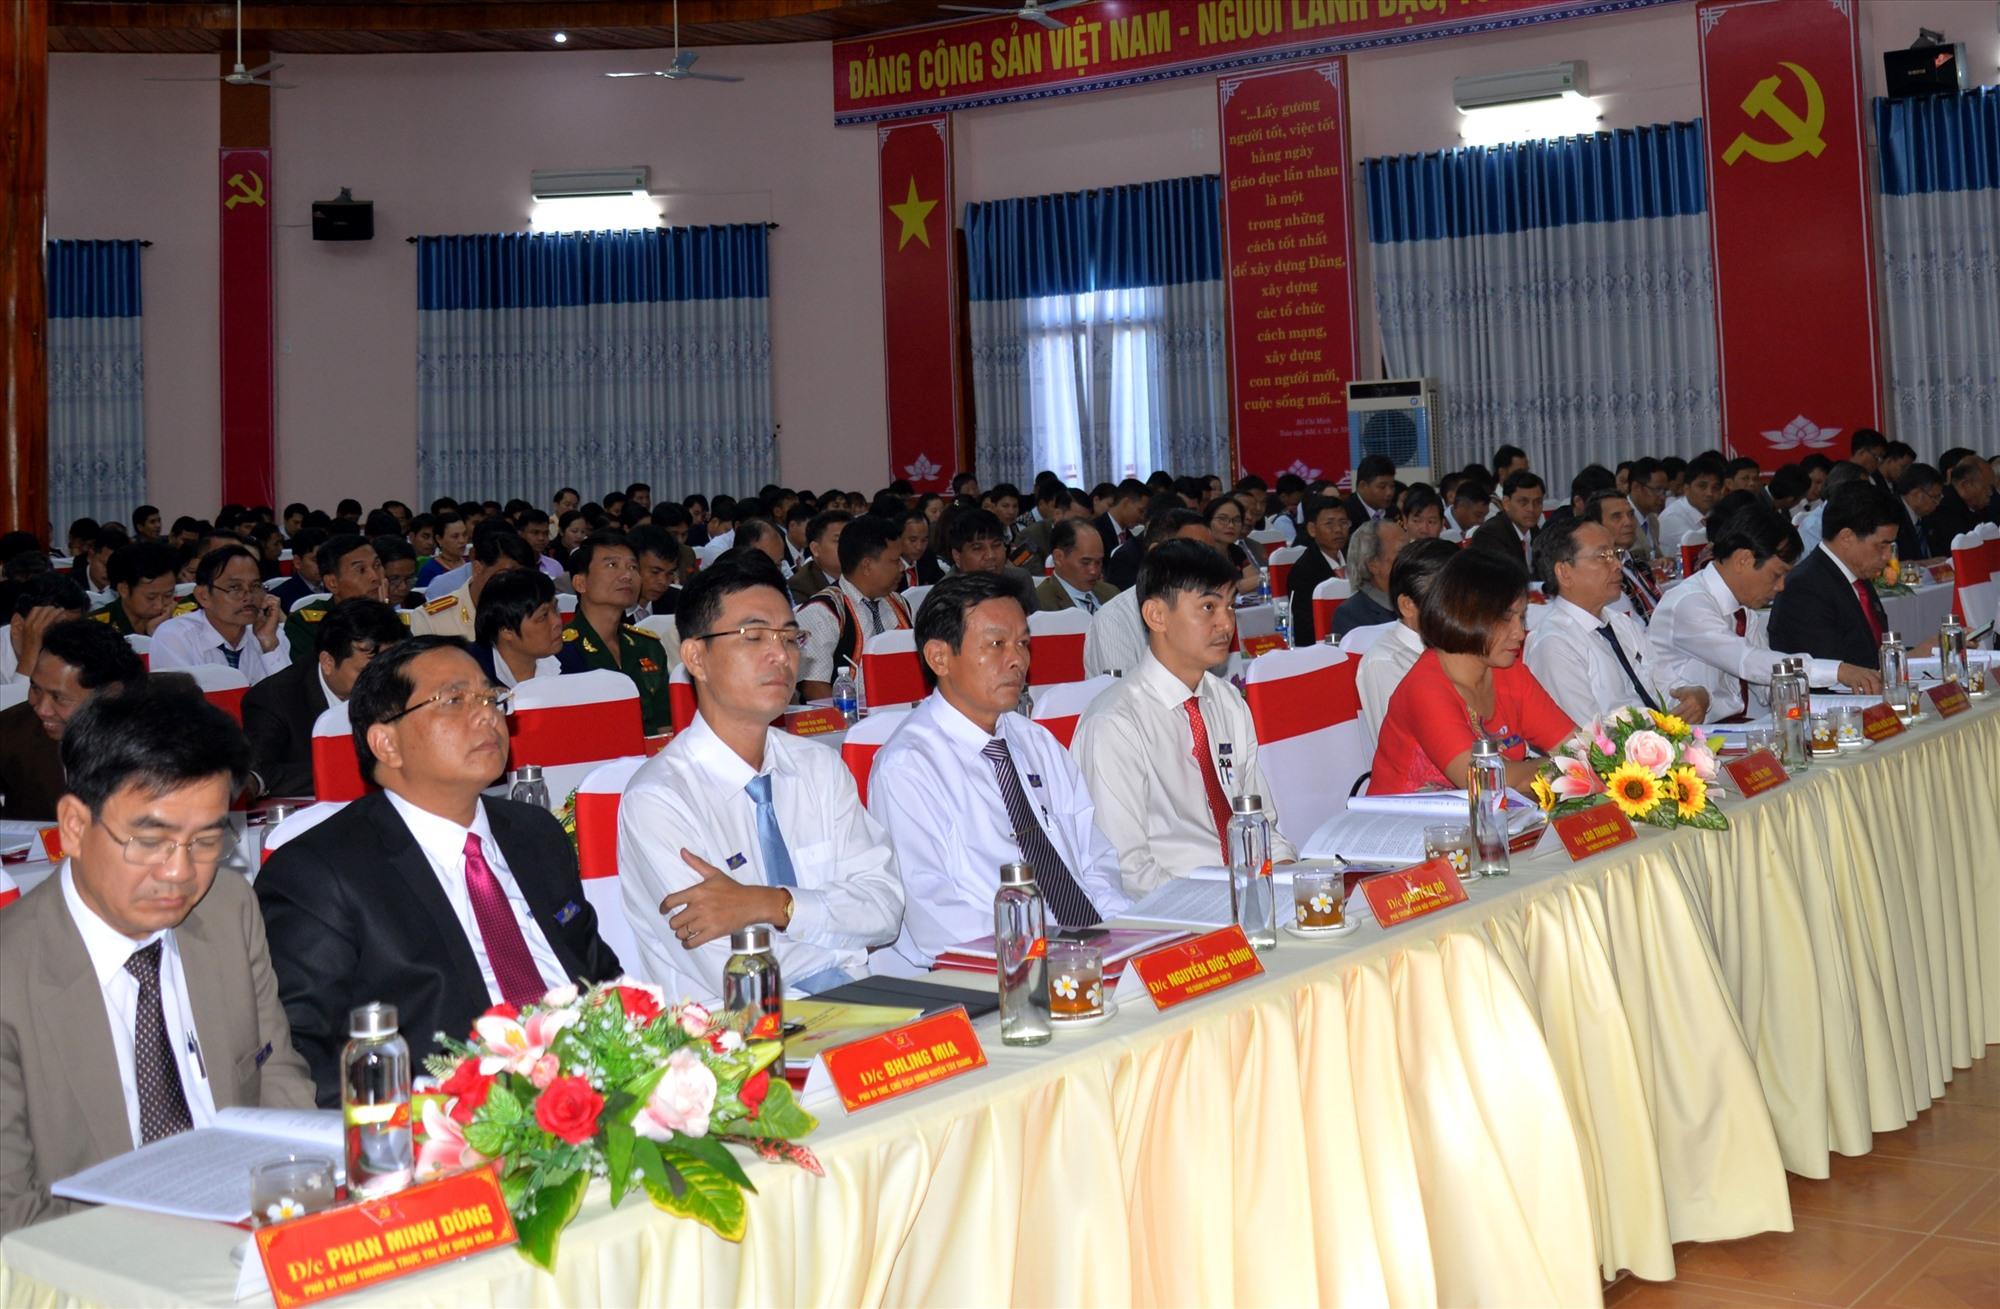 Các đại biểu tham dự đại hội. Ảnh: A.N